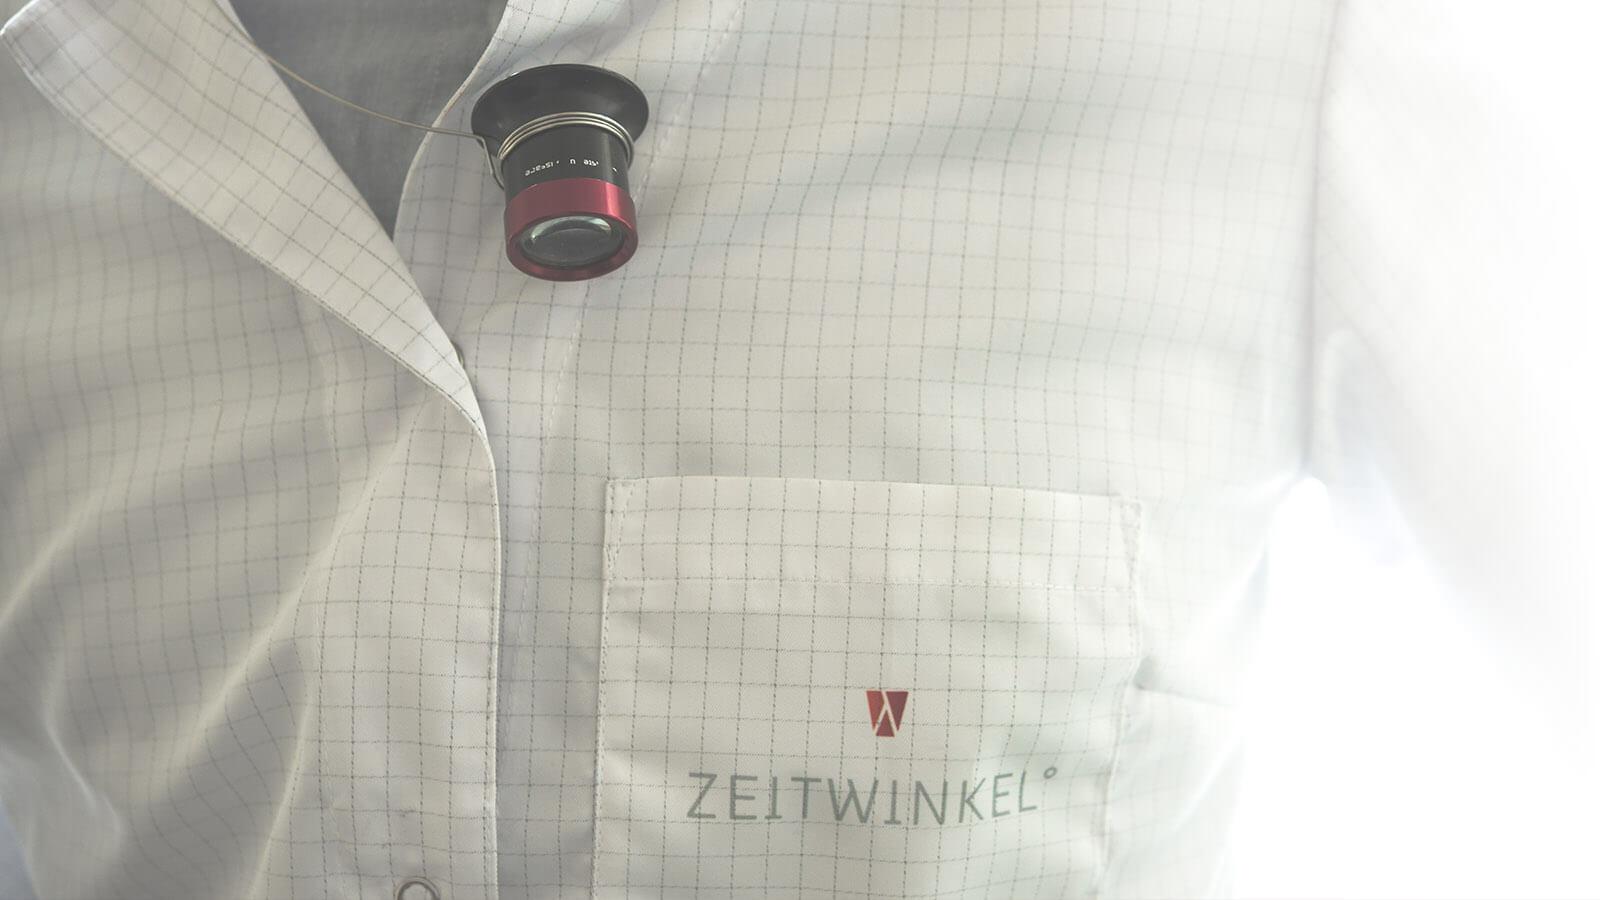 Uhrmacher von ZEITWINKEL